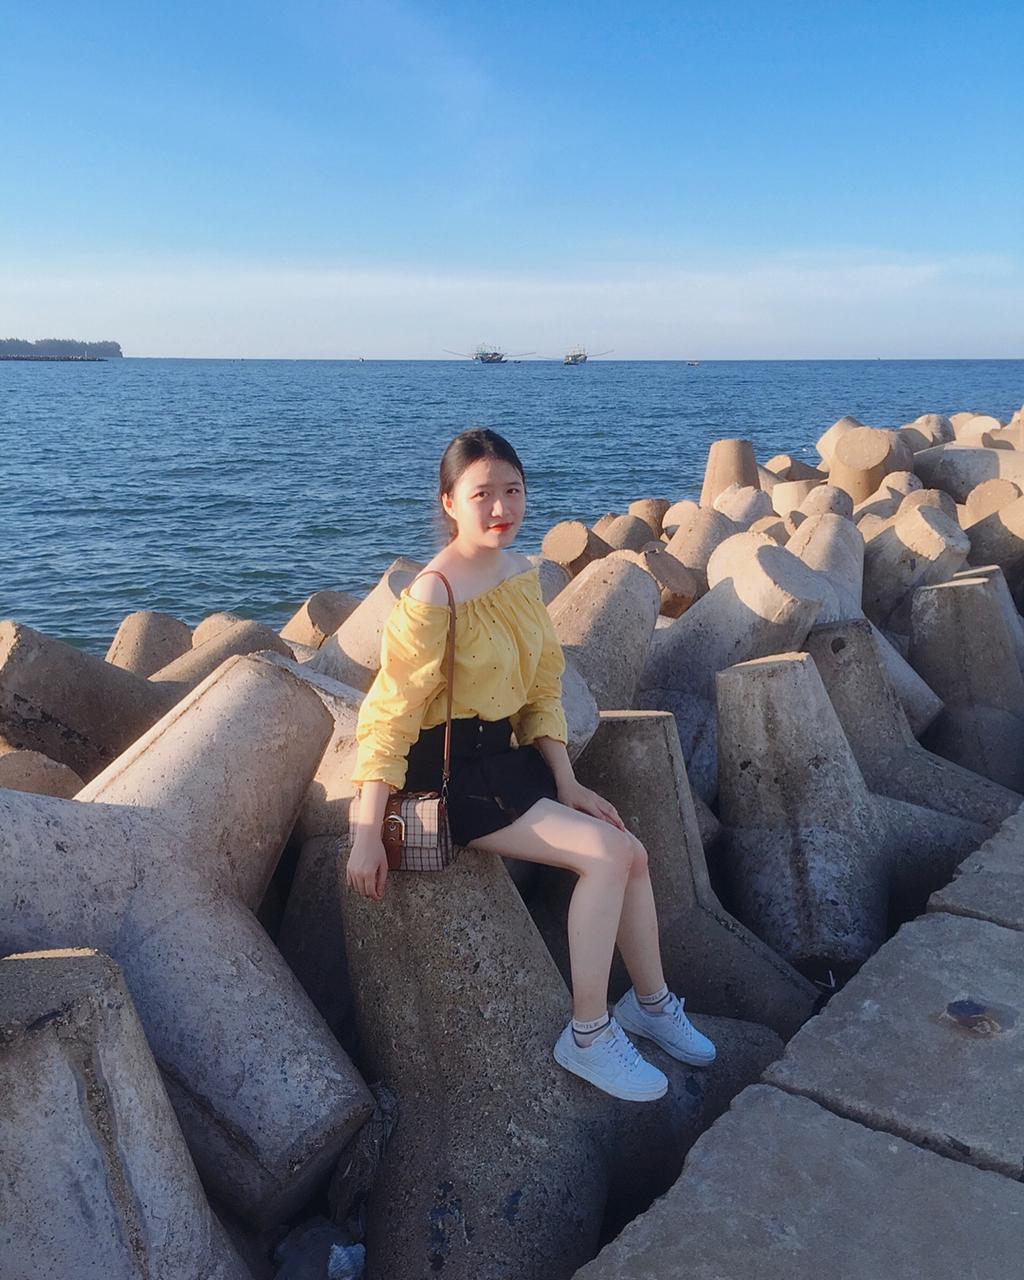 Biển Cửa Tùng đẹp hoang sơ hút giới trẻ đến Quảng Trị - Hình 2